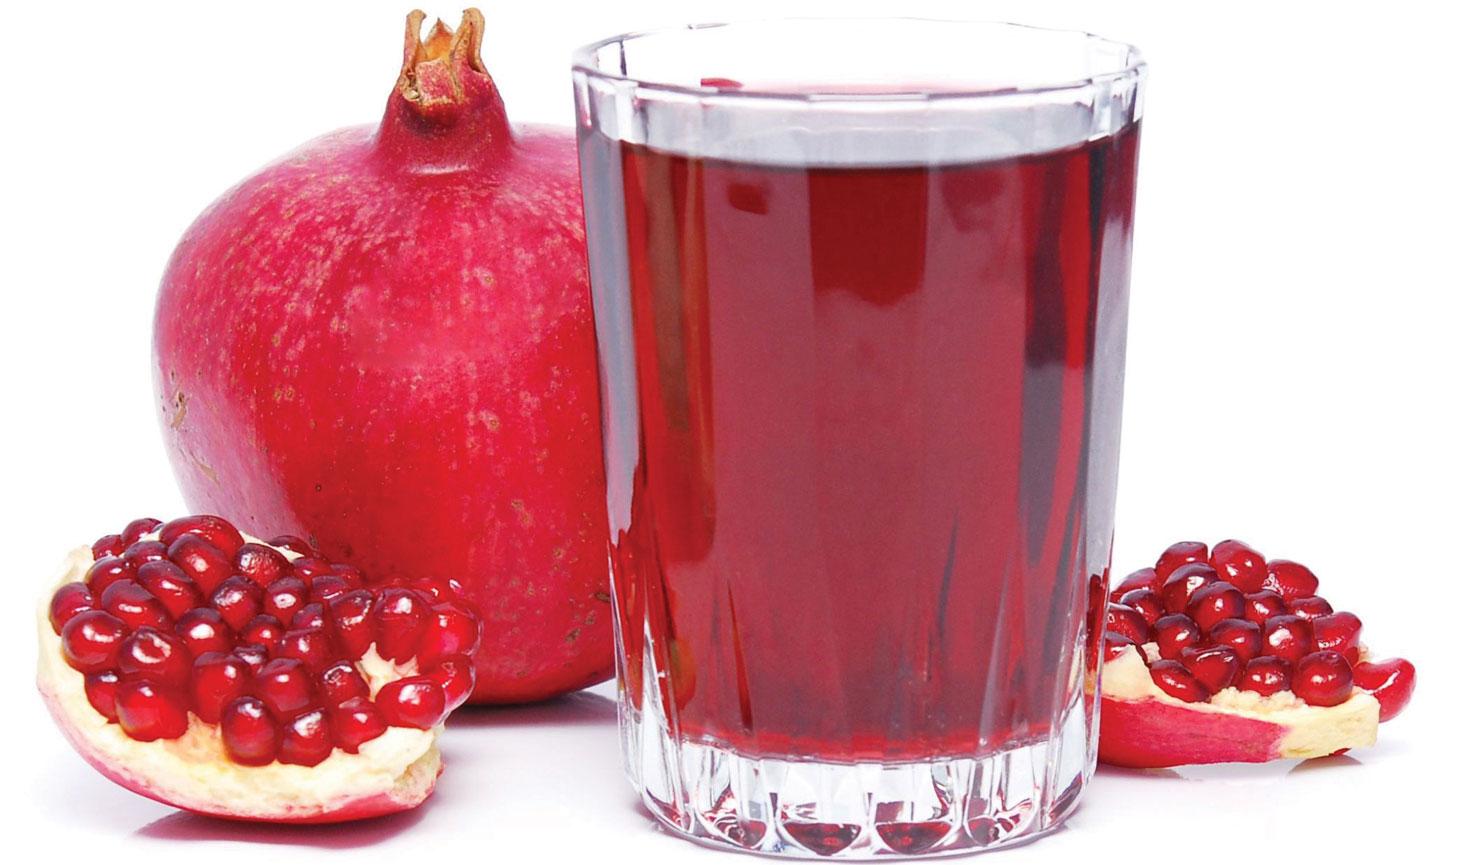 ما هي فوائد عصير الرمان؟